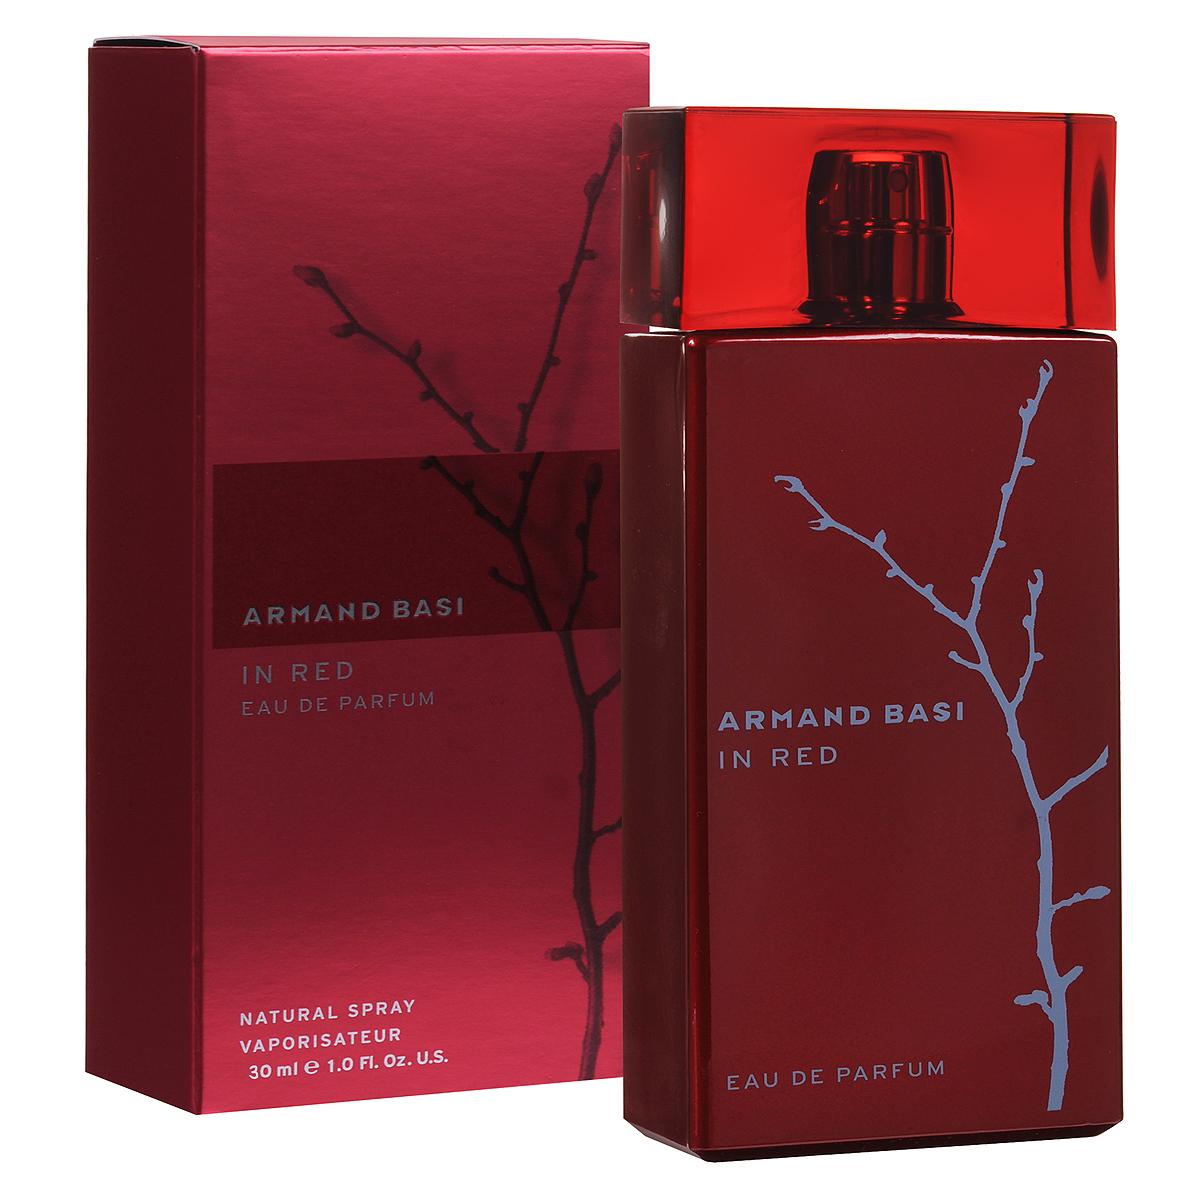 Armand Basi Парфюмерная вода In Red, женская, 30 мл40651Armand Basi выпускает новую - роскошную и неповторимую парфюмерную воду In Red - самый яркий из всех женских ароматов. Lady In Red. Женщина в Красном. Пламенный ангел страсти. Ее взгляд обжигает как огонь, ее дыхание - ветер свободы, ее поступь - волнующийтанец фламенко. Ее стан нежно изогнут как ветвь, готовая вот-вот распуститься цветами огненной страсти. А ее жизнь - нескончаемая коррида,из которой она всегда выходит победительницей.Только ей подвластна тайна настоящей страсти, только она воплощает собой бесконечную жажду жизни, непрерывную гипнотическую силу,завораживающую и околдовывающую каждого мужчину, их всех без исключения. Только она сможет укротить настоящего героя, только ейприсуща неведомая власть над мужчиной!Ее необыкновенная сущность расправляется крыльями за спиной. Эти крылья - страсть и солнце, томный соблазн и чистый свет. Они - пылающийогонь, переливающийся невероятными поразительными оттенками от нежно-розового до карминно-красного, от светло-алого до темно-пурпурного. Они - символ начала корриды, разжигающейся страсти в желаниях. И в этом бою мужчина непременно будет побежден, но счастье ирадость быть побежденным самой несравненной Кармен не сравнятся по своей яркой чувственности ни с одним даже самым бурнымпереживанием.Классификация аромата: цветочный.Пирамида аромата:Верхние ноты: ландыш, роза, лепестки фиалки, абсолют жасмина.Ноты сердца: кардамон, мандарин, бергамот.Ноты шлейфа:мох, амбра. Ключевые словаЖенственный, страстный!Самый популярный вид парфюмерной продукции на сегодняшний день - парфюмерная вода. Это объясняется оптимальным балансом цены икачества - с одной стороны, достаточно высокая концентрация экстракта (10-20% при 90% спирте), с другой - более доступная, по сравнению сдухами, цена. У многих фирм парфюмерная вода - самый высокий по концентрации экстракта вид товара, т.к. далеко не все производителисчитают нужным (или возможным) выпускать свои ароматы в виде духов. Как 